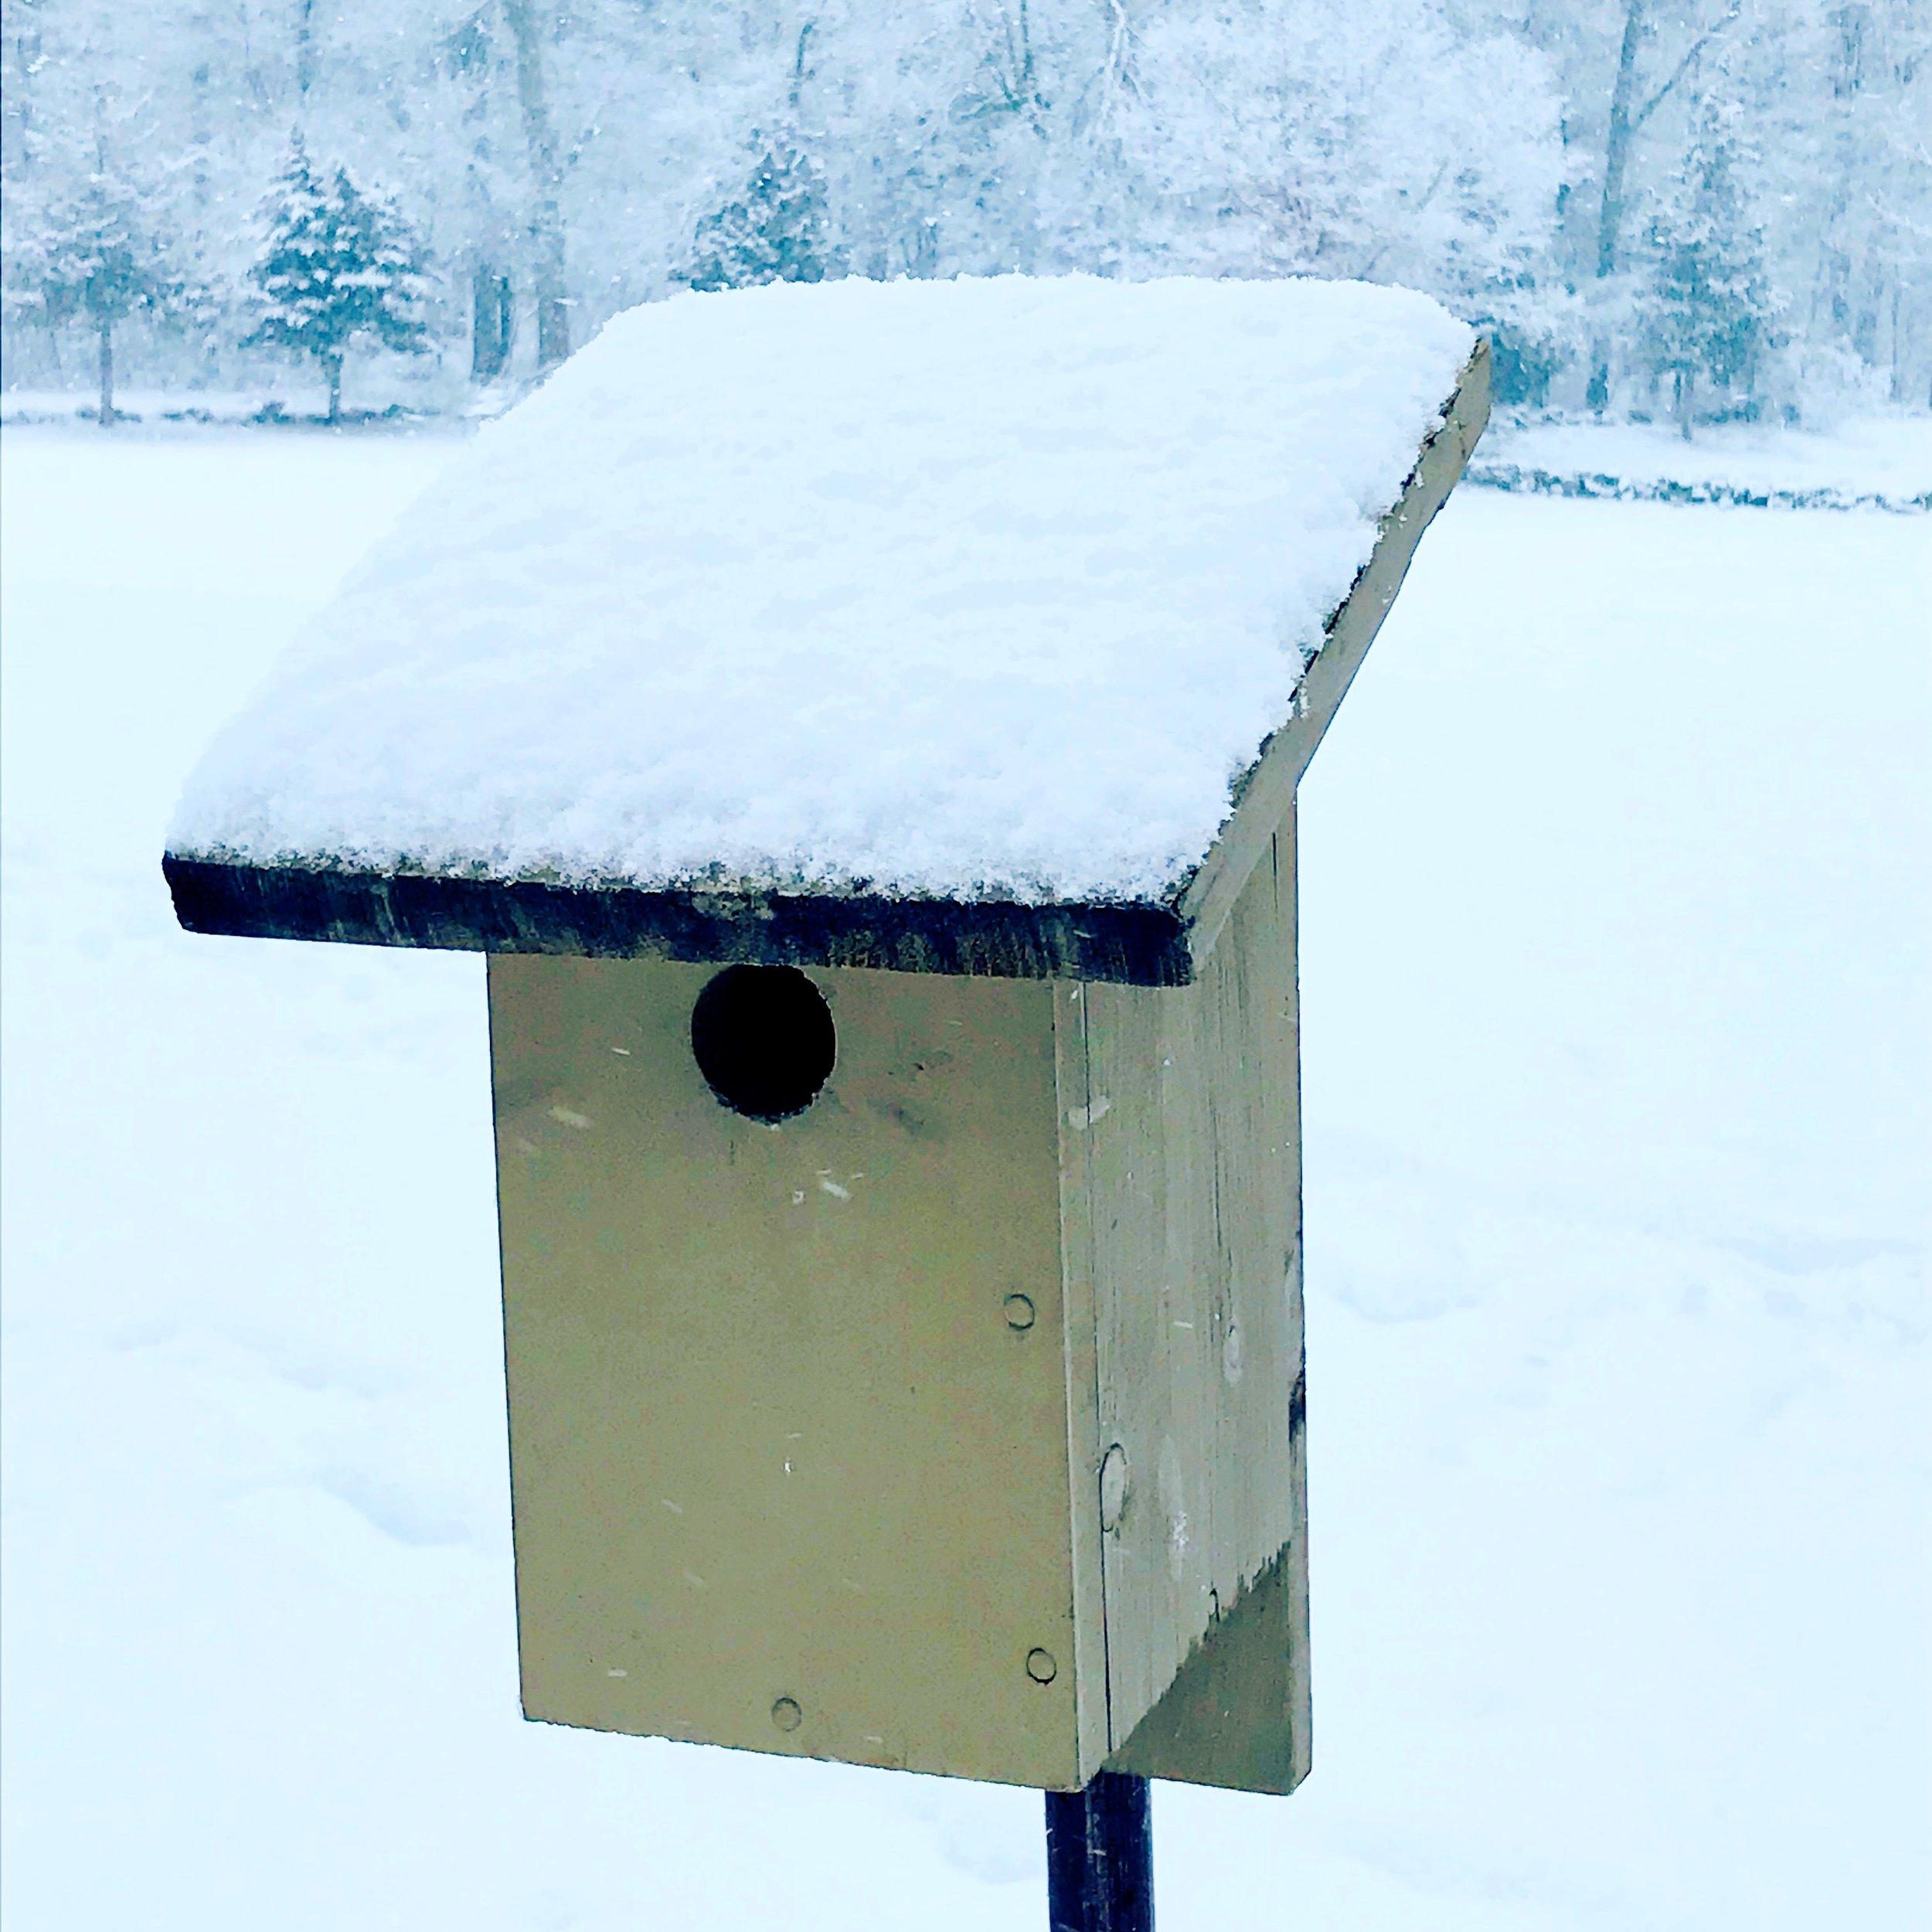 birdhouse in snow.JPG